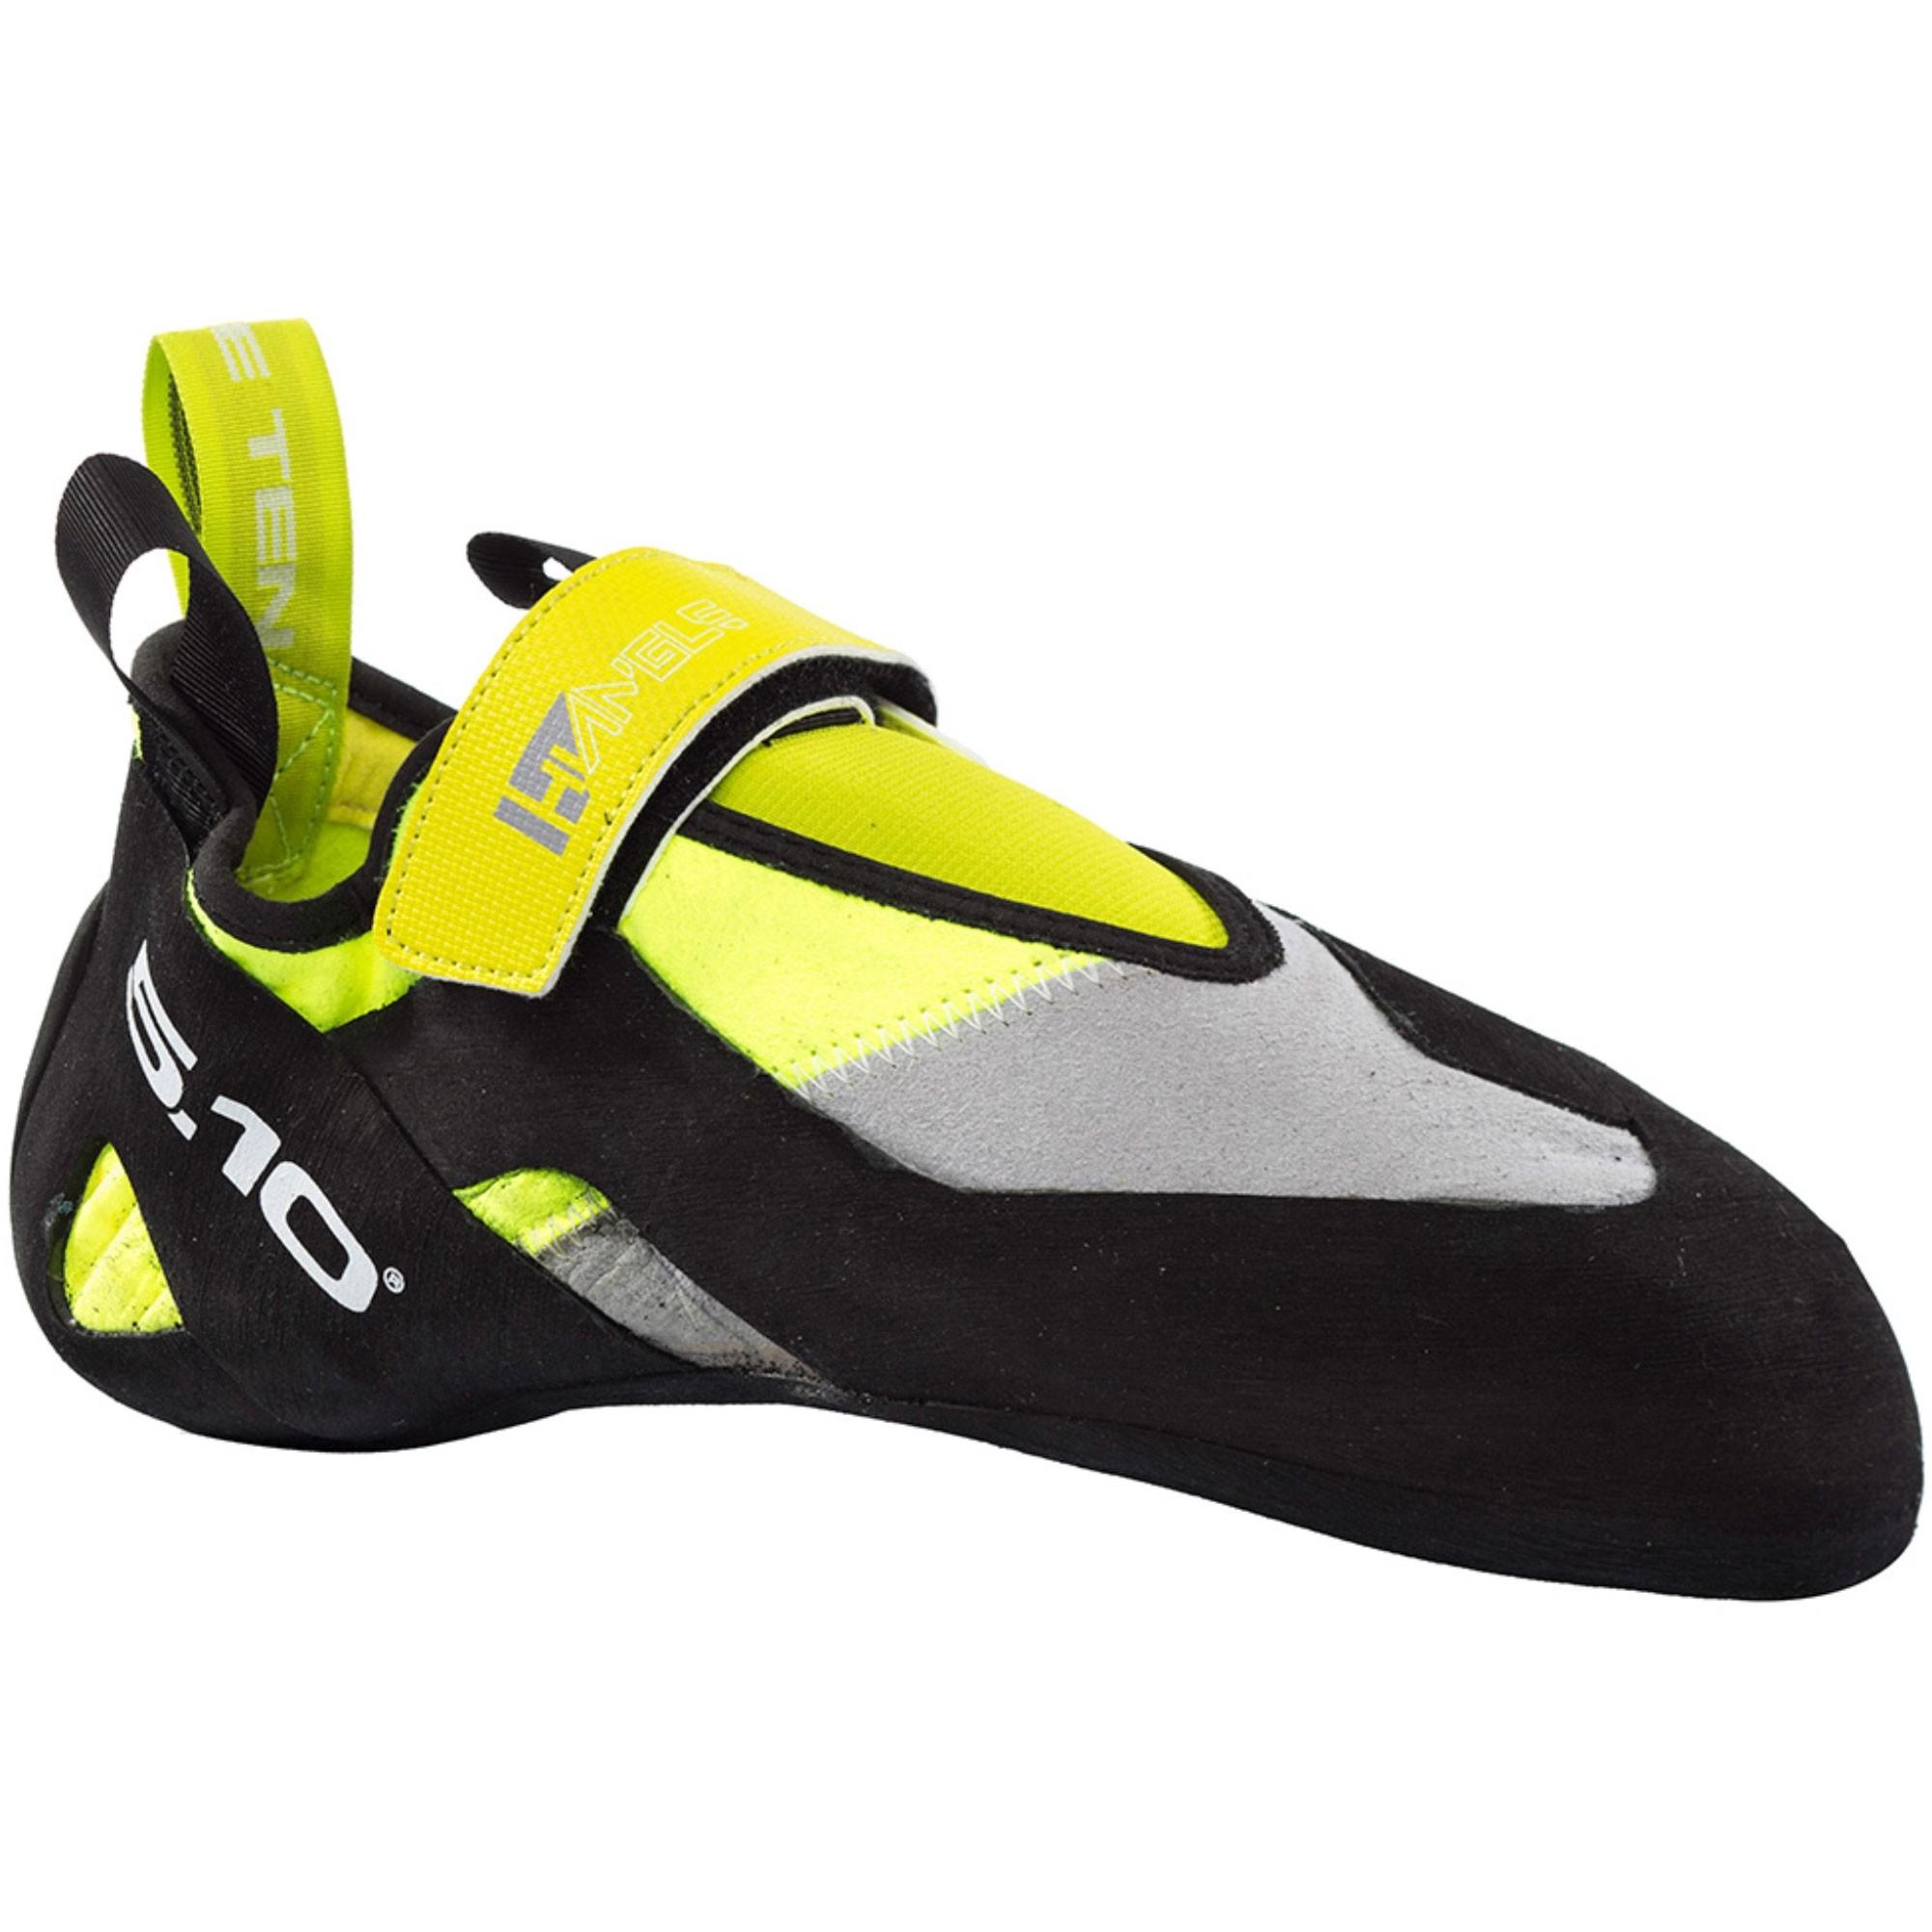 Five Ten Hiangle Synthetic Climbing Shoes - Semi Solar Green